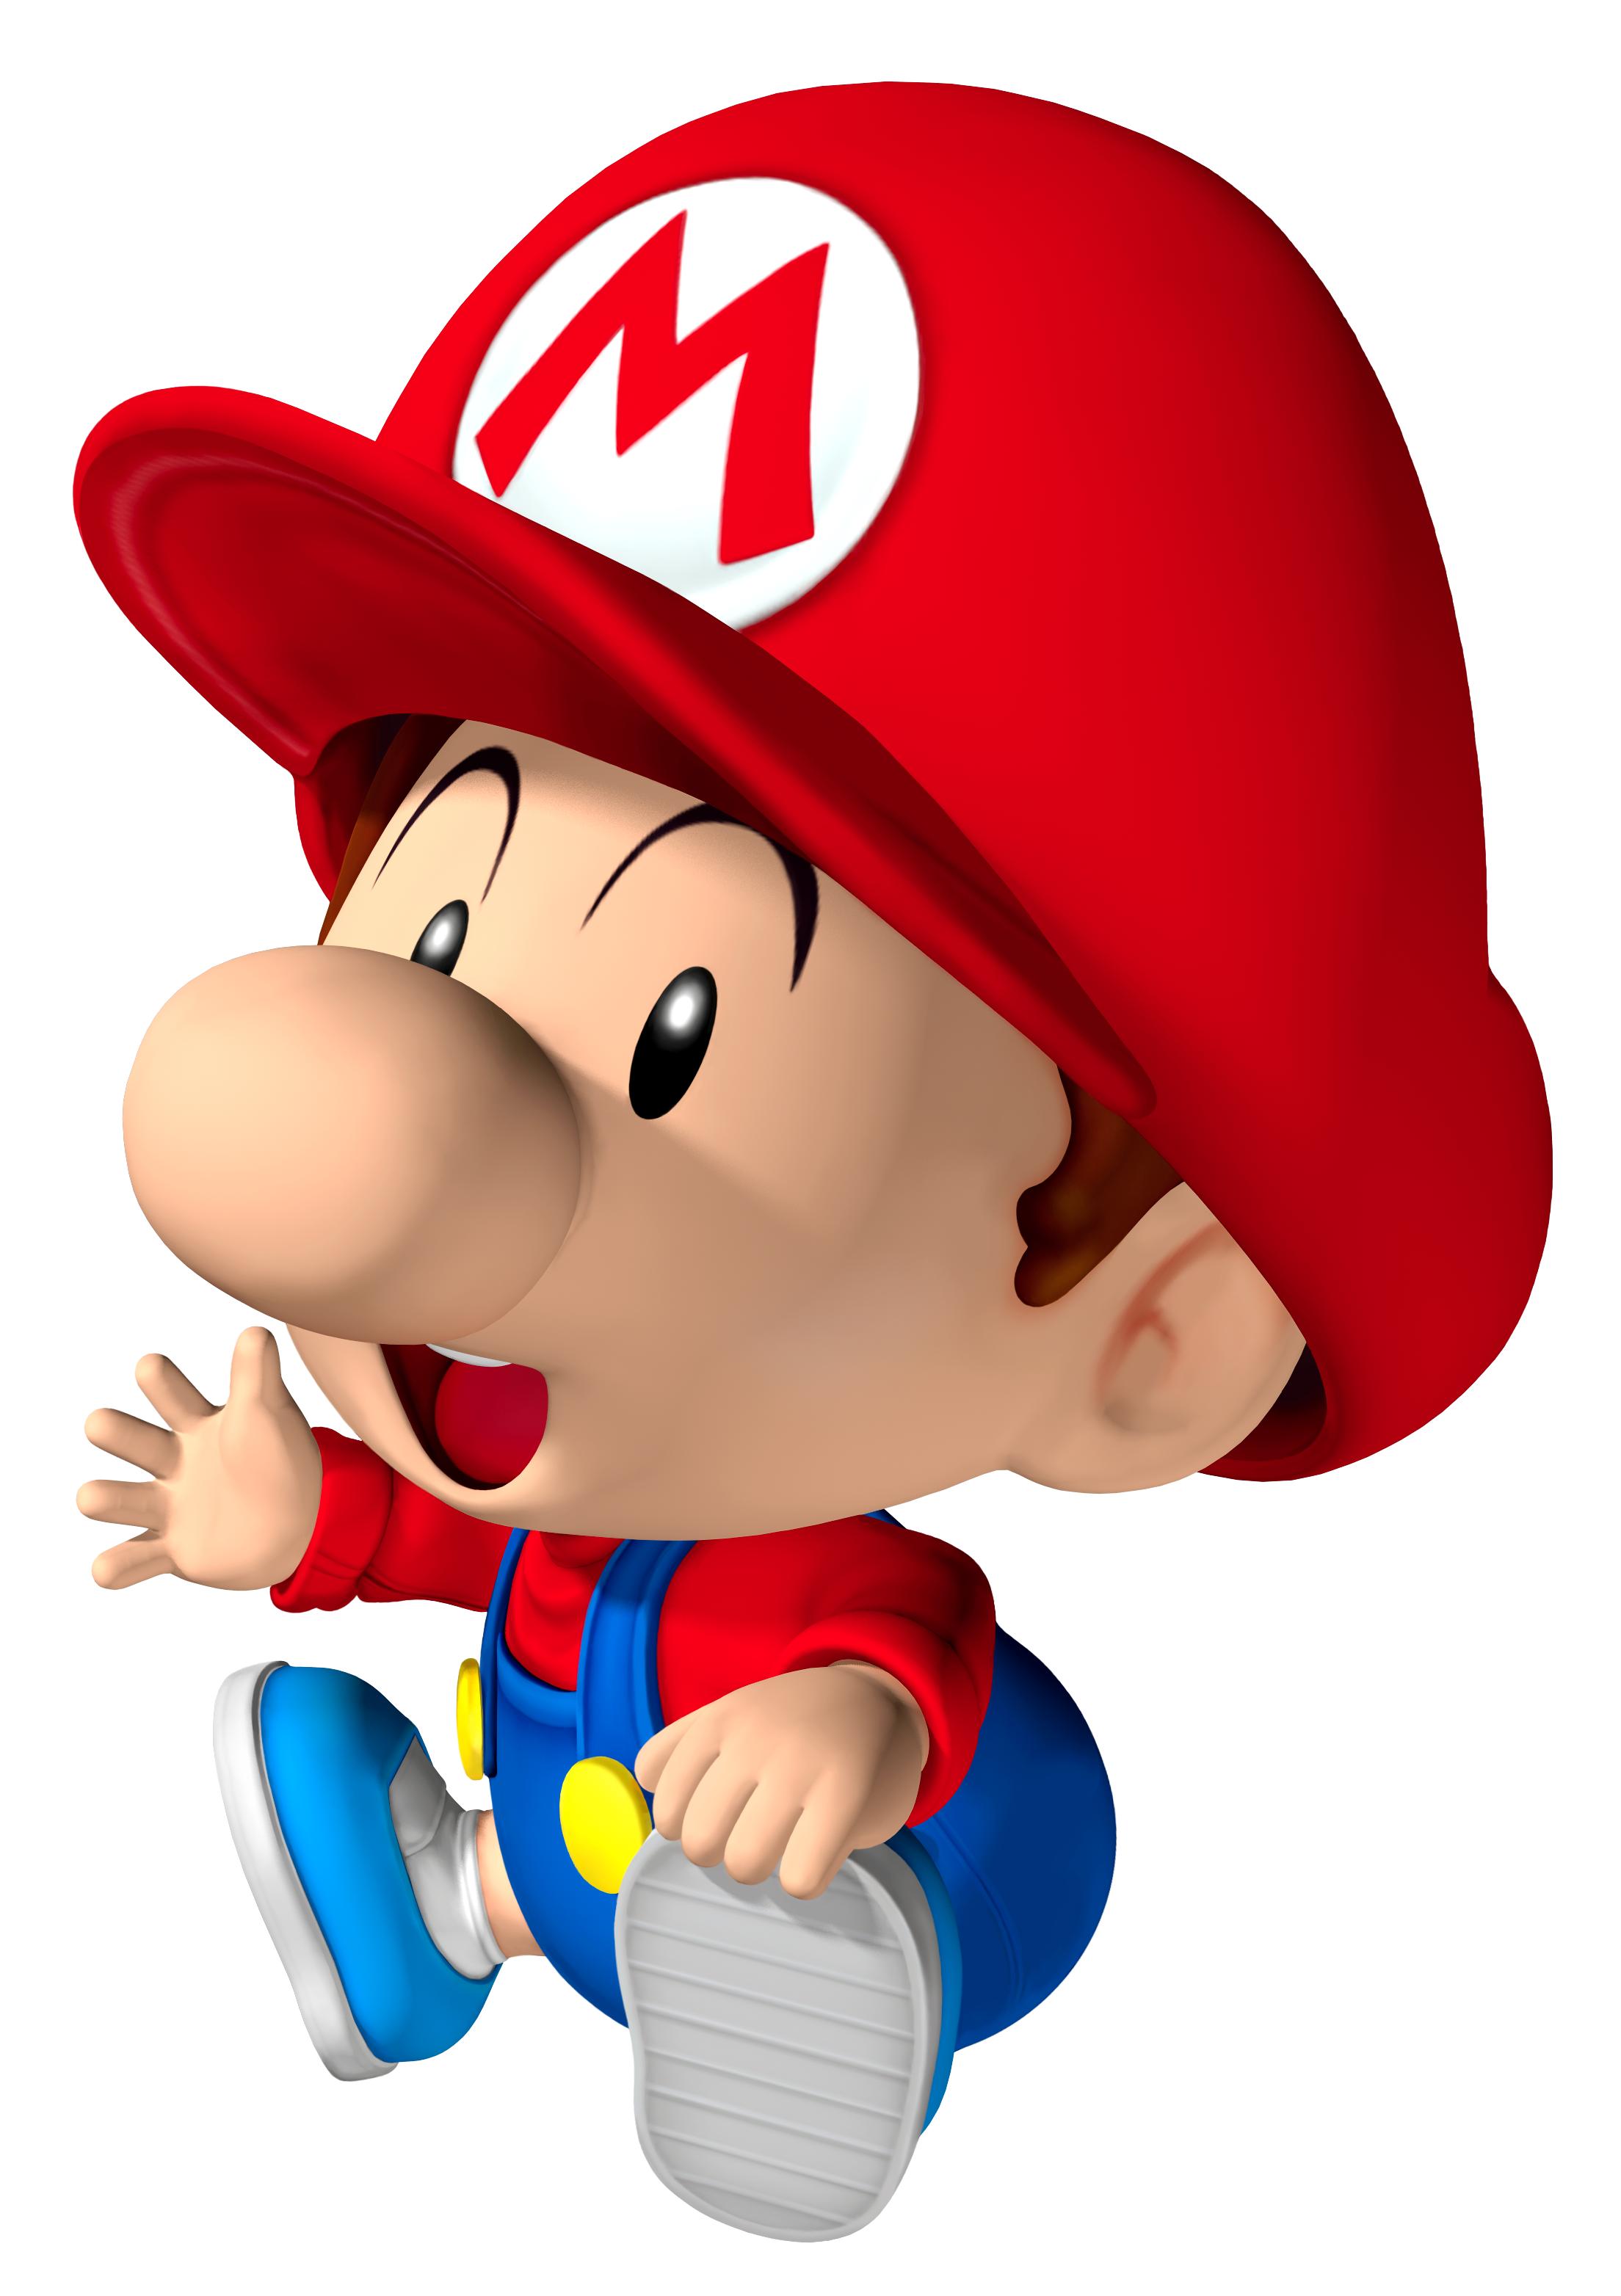 Super Mario Flying Png Image Mario Bros Super Mario Brothers Super Mario